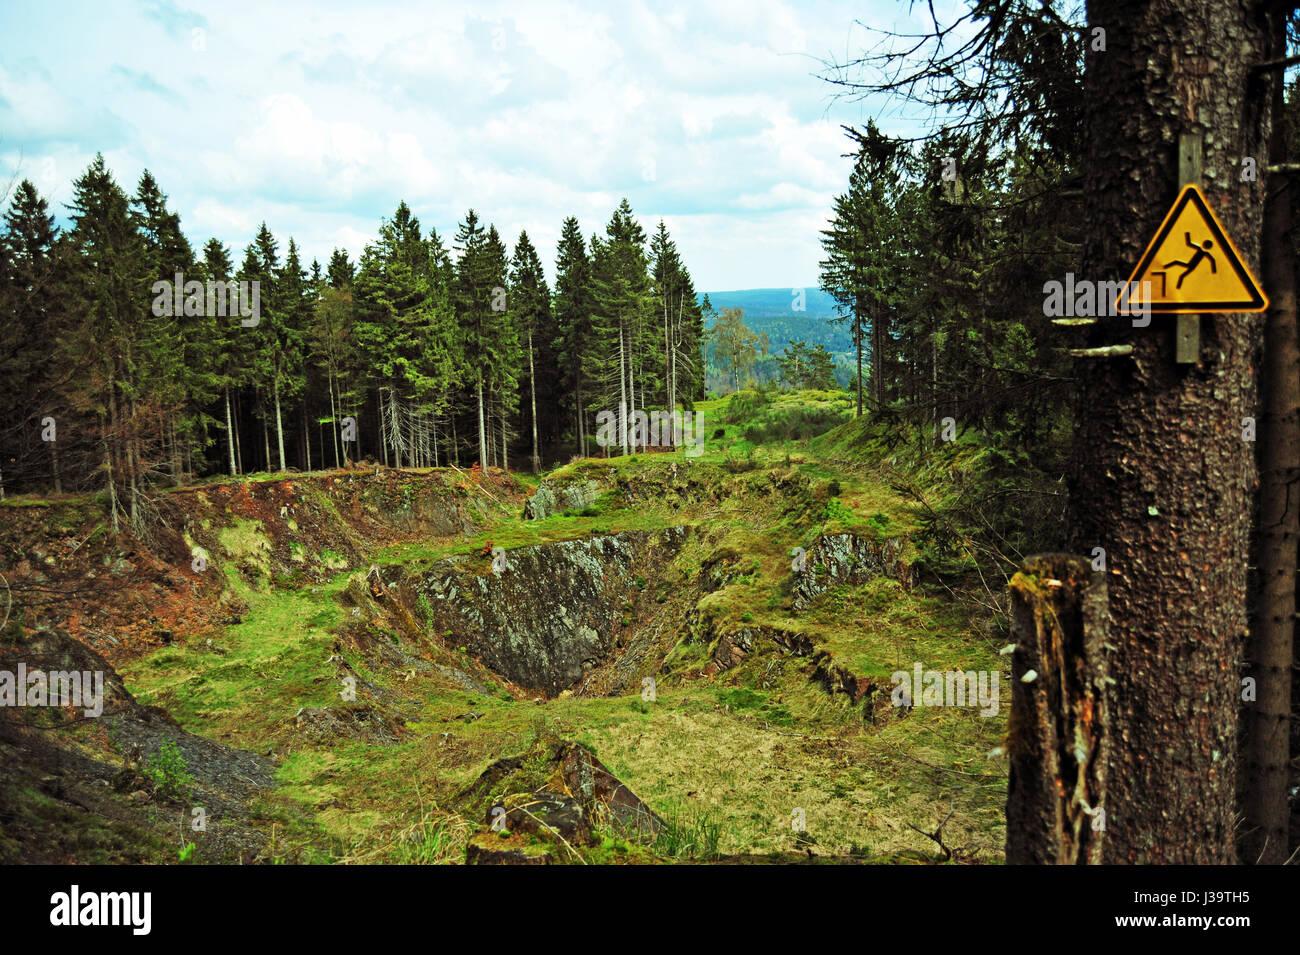 Pathelbruch, Steinach, Thüringer Wald, Deutschland - Stock-Bilder